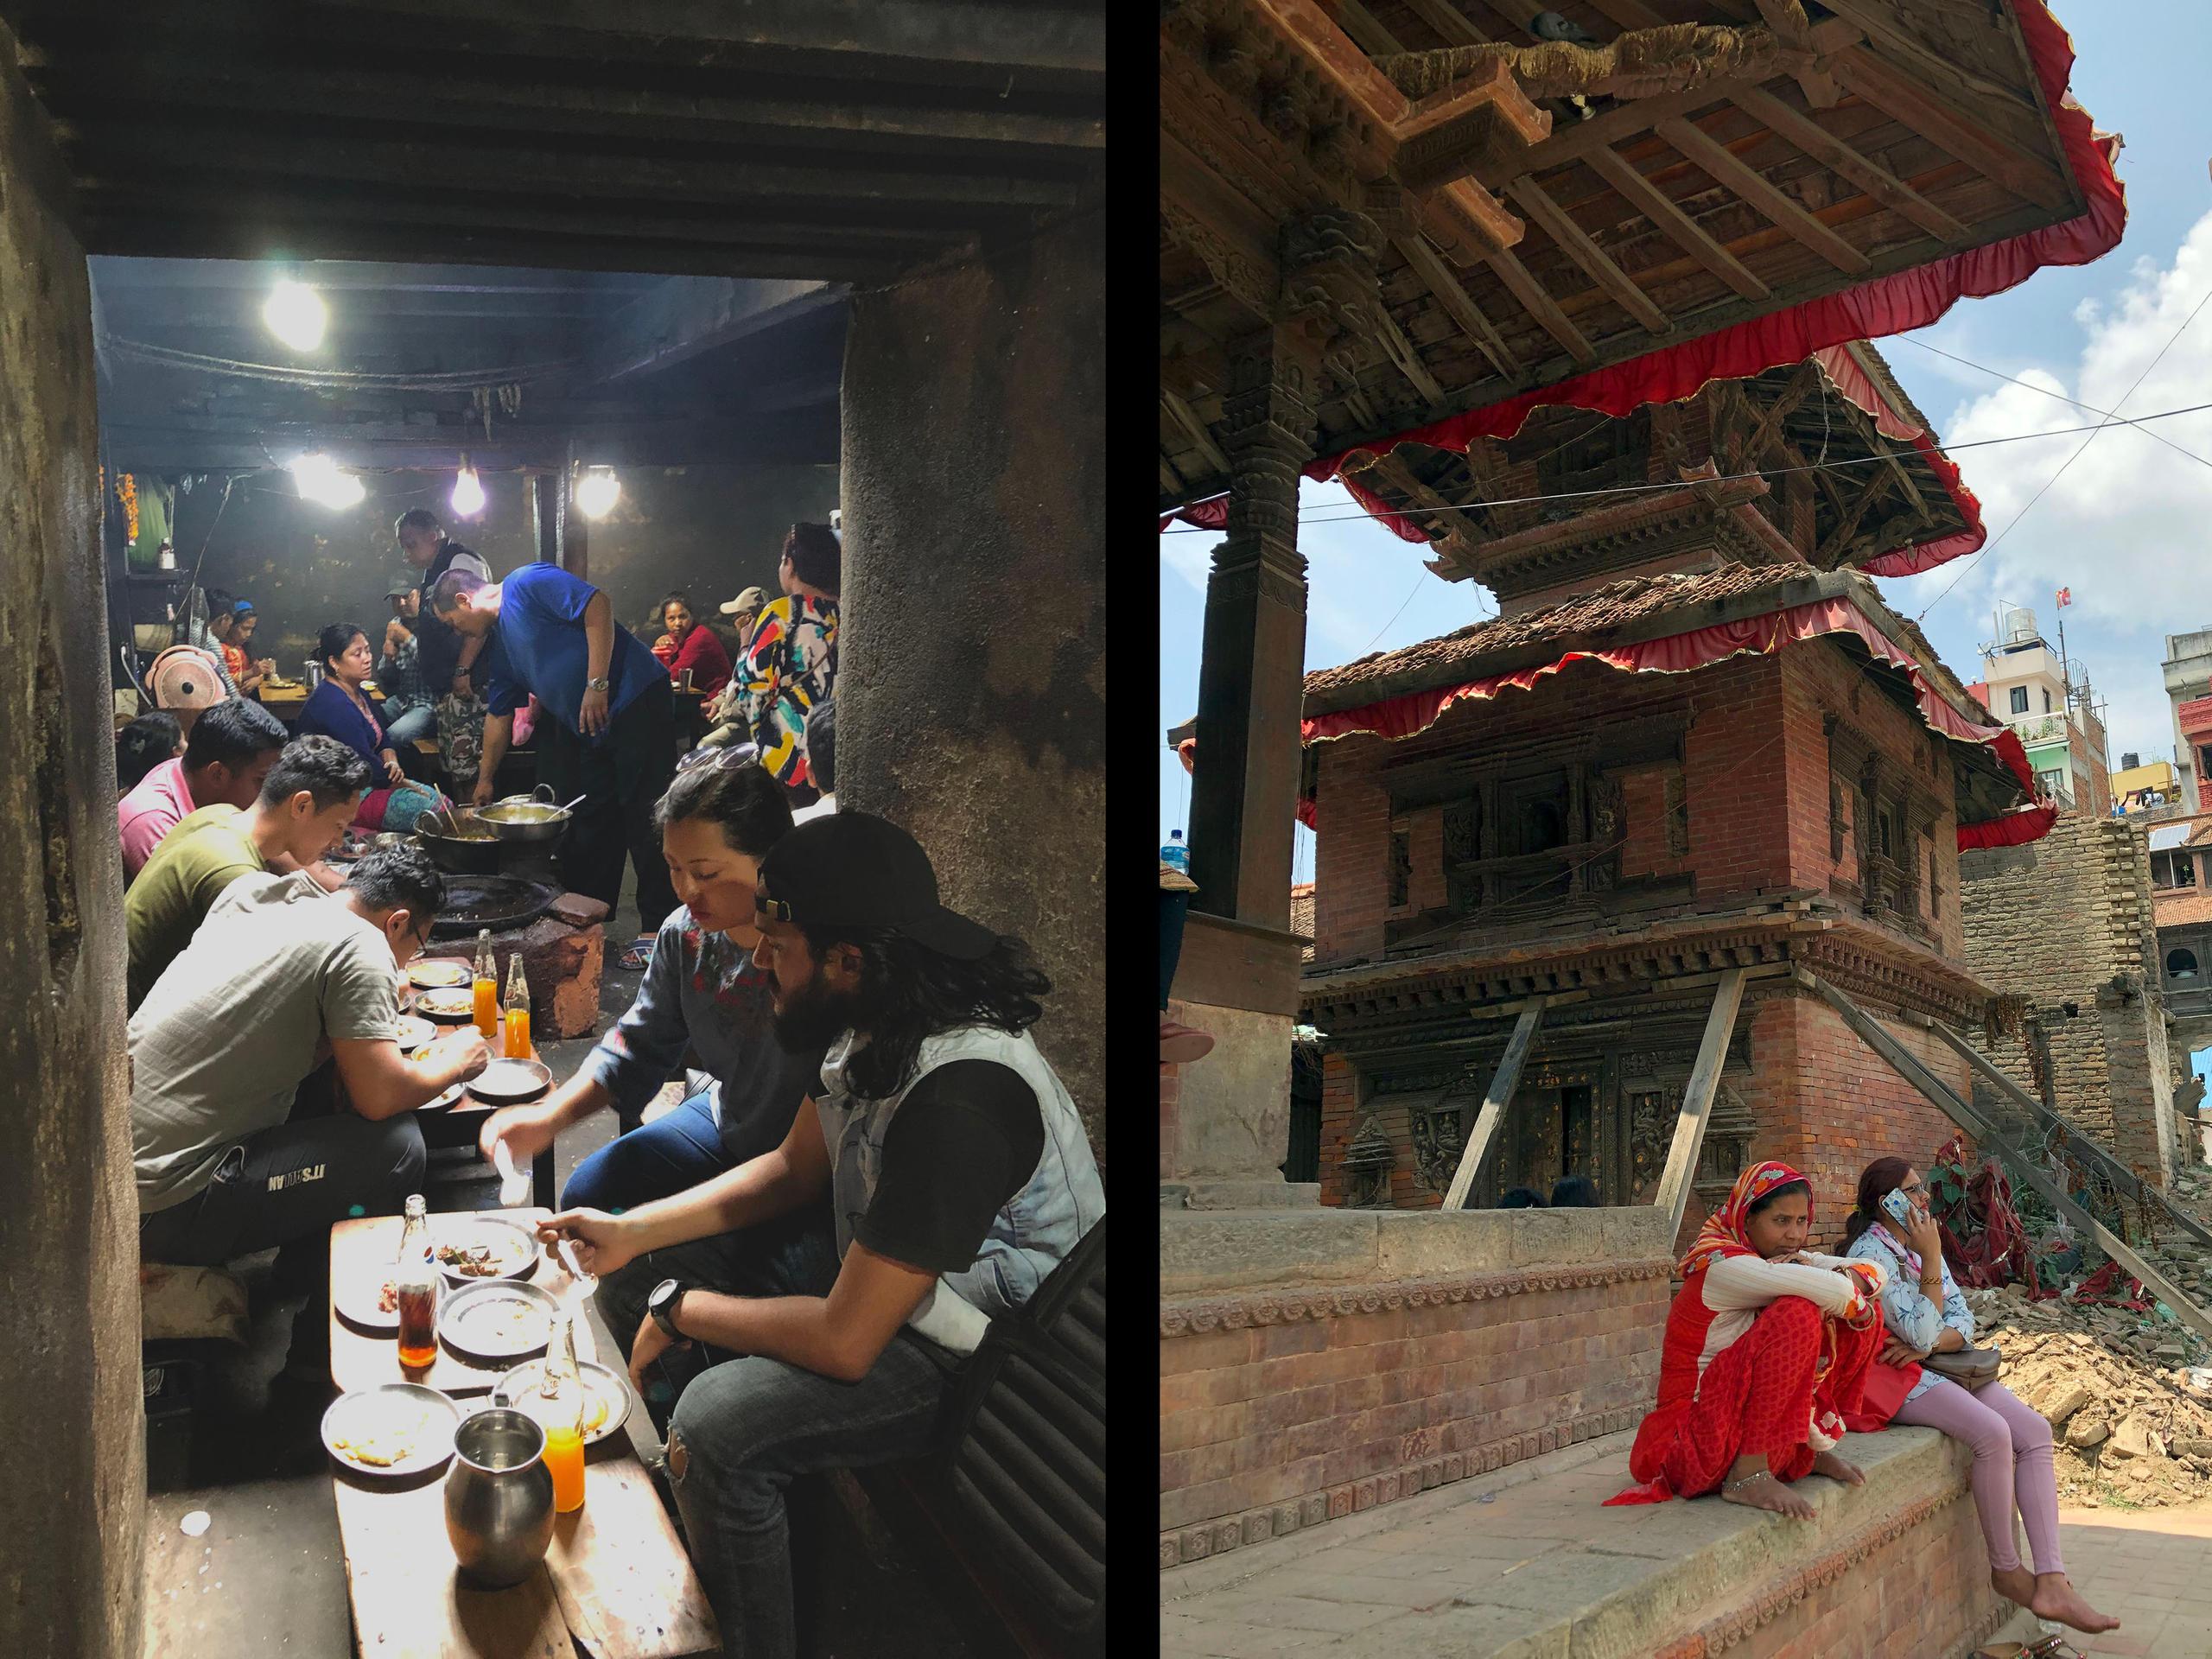 スイス大使の視点 ネパールにおける女性の参画 - SWI swissinfo.ch